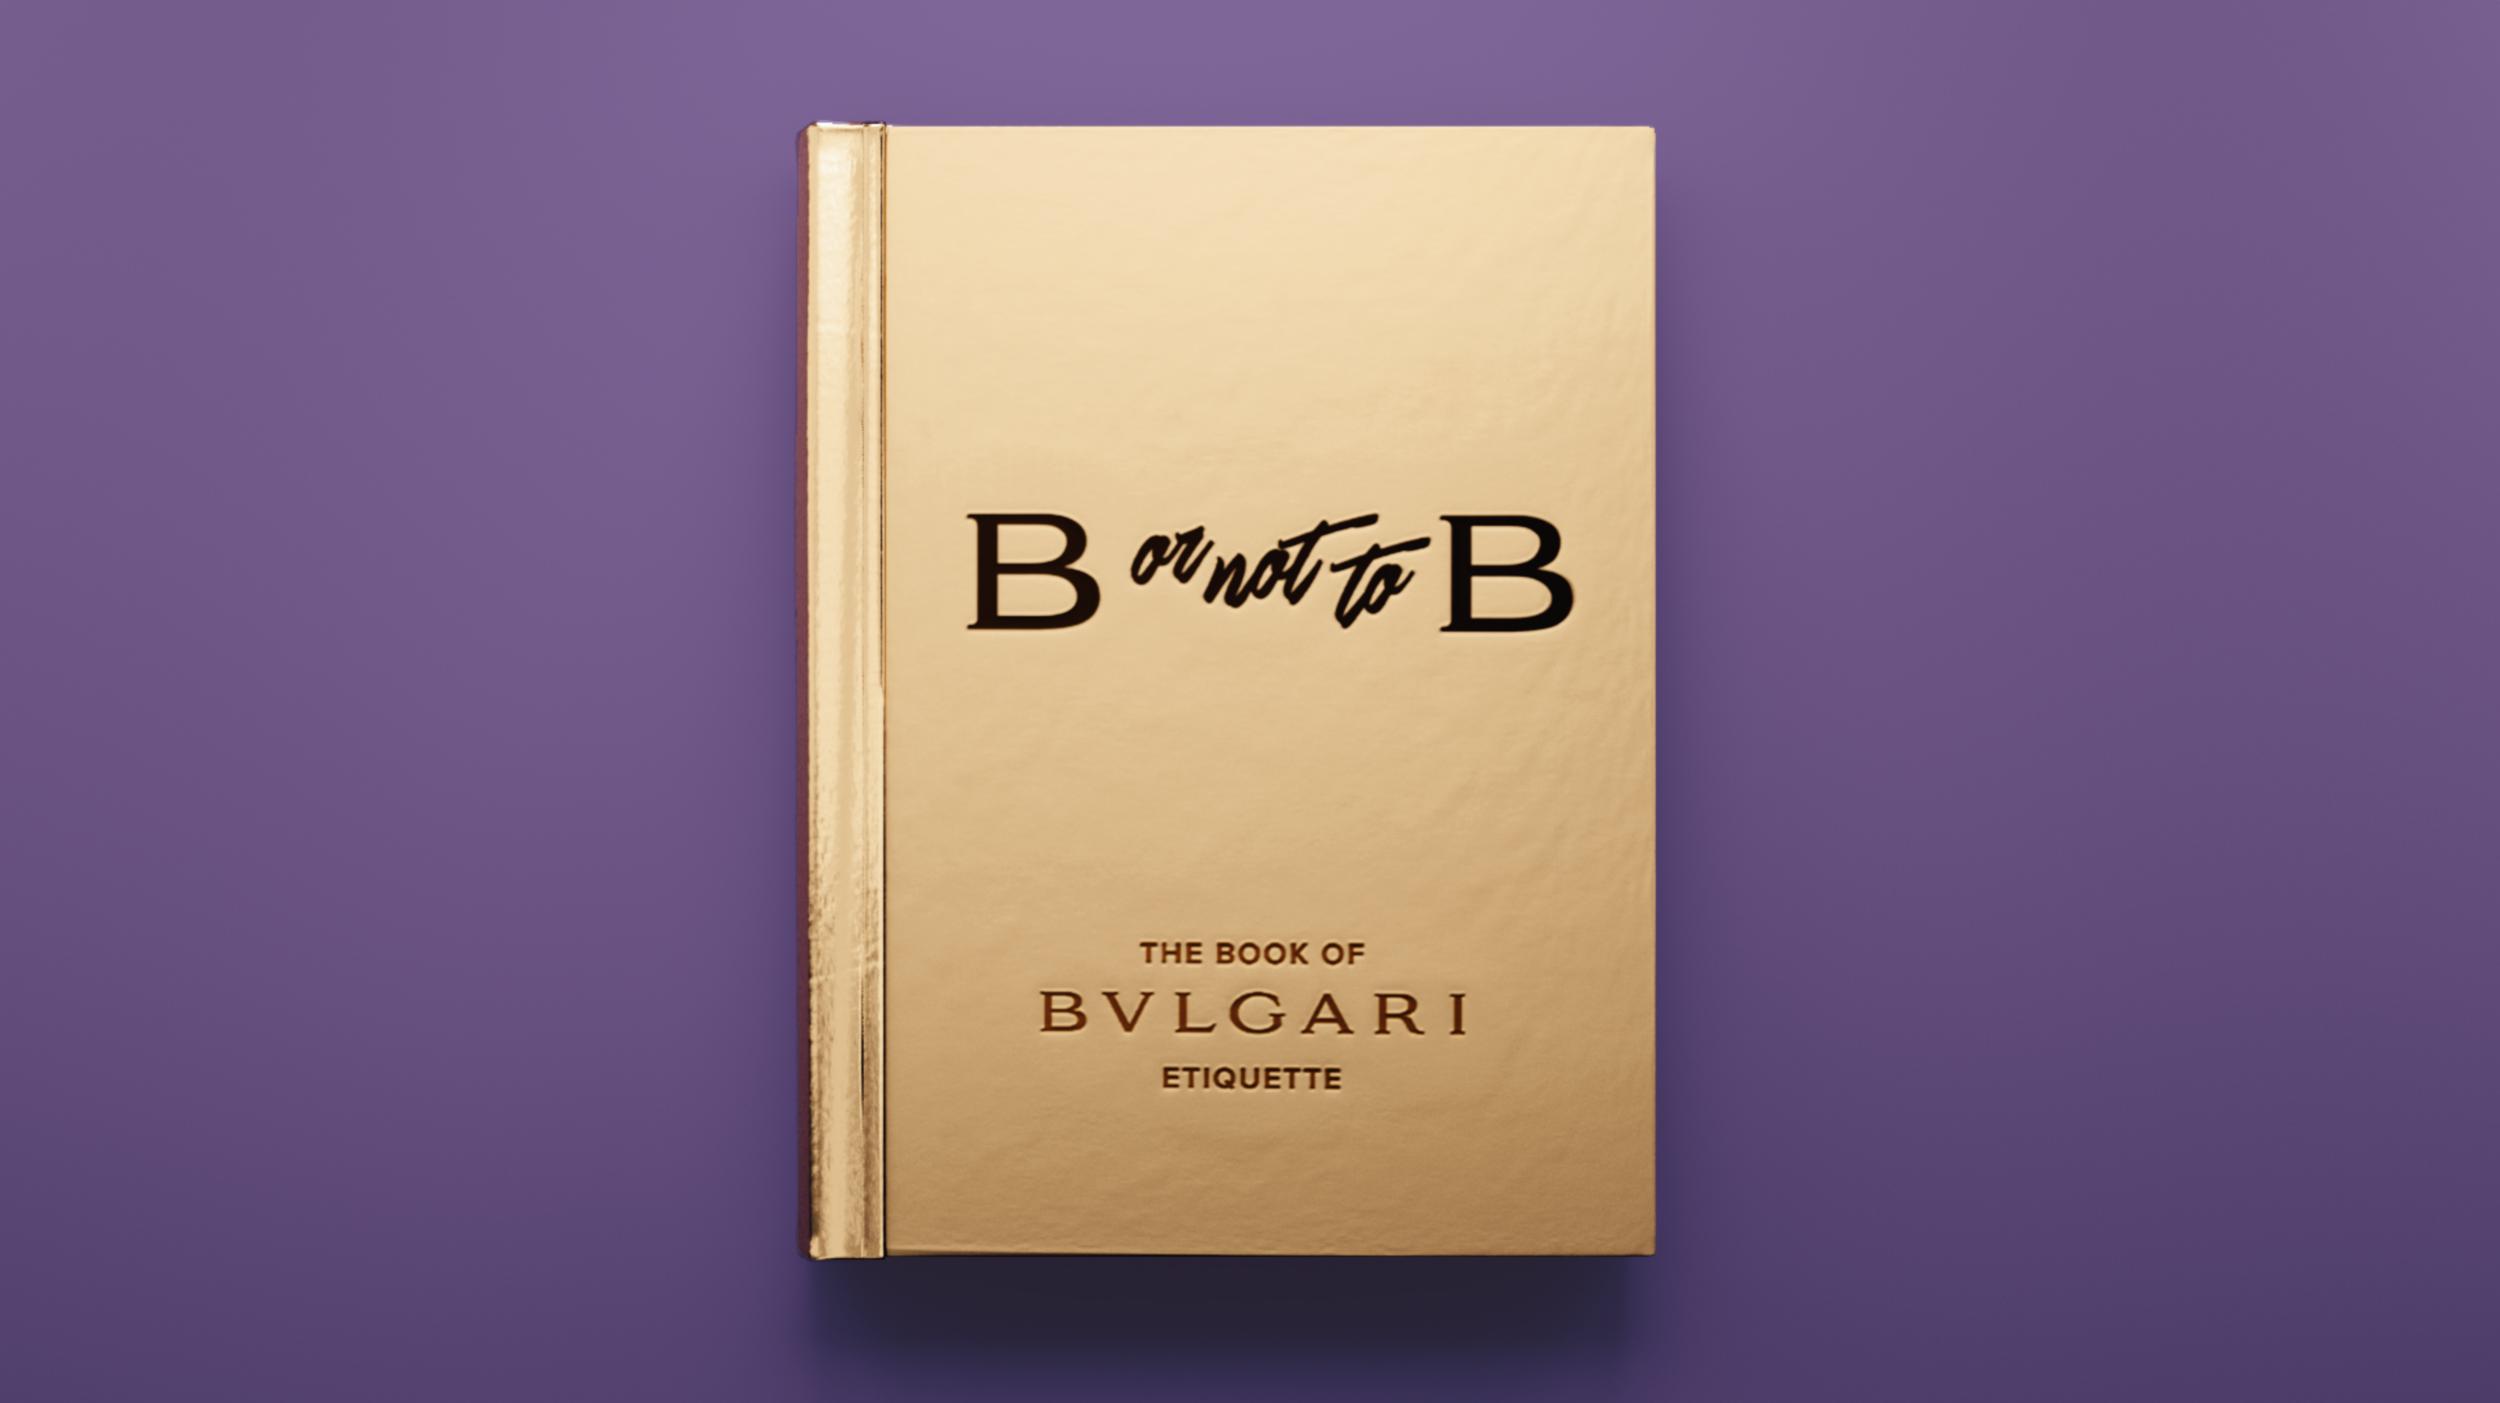 Bulgari_the_book_of_bulgari_taxfreefilm_book